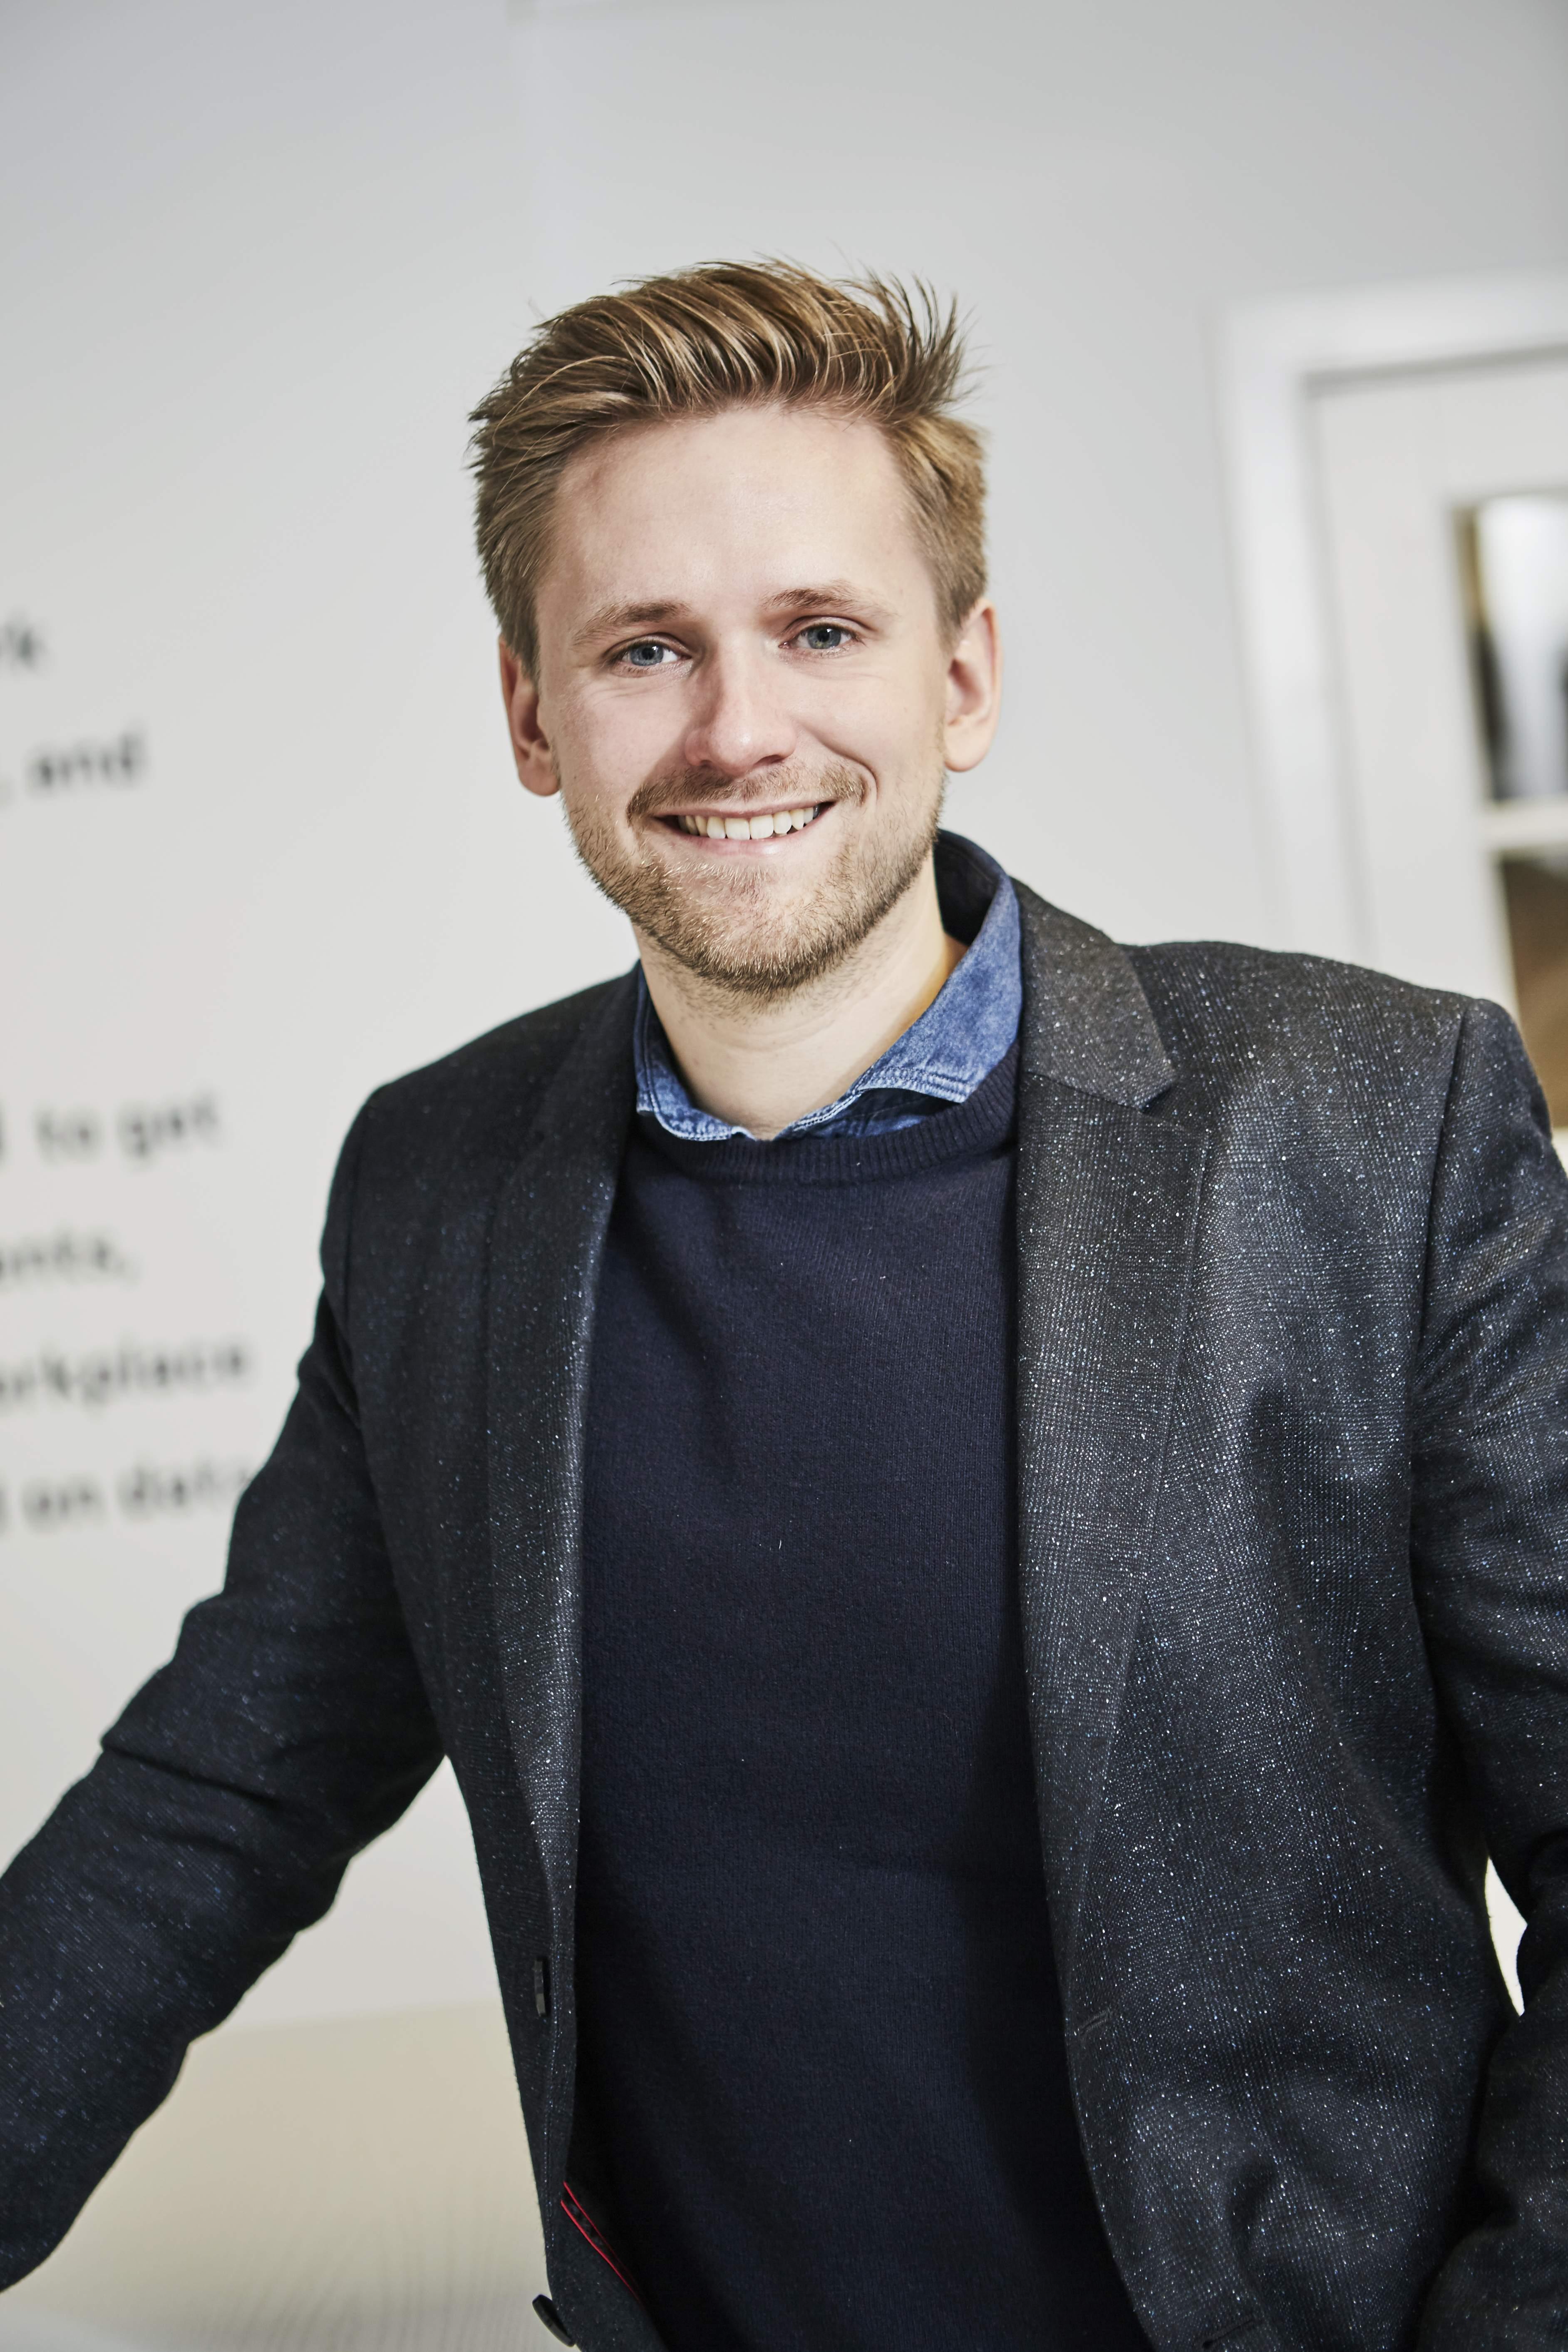 Allan fik en god ide i 2010: I dag er Aalborg-firmaet AskCody en gigantisk succes